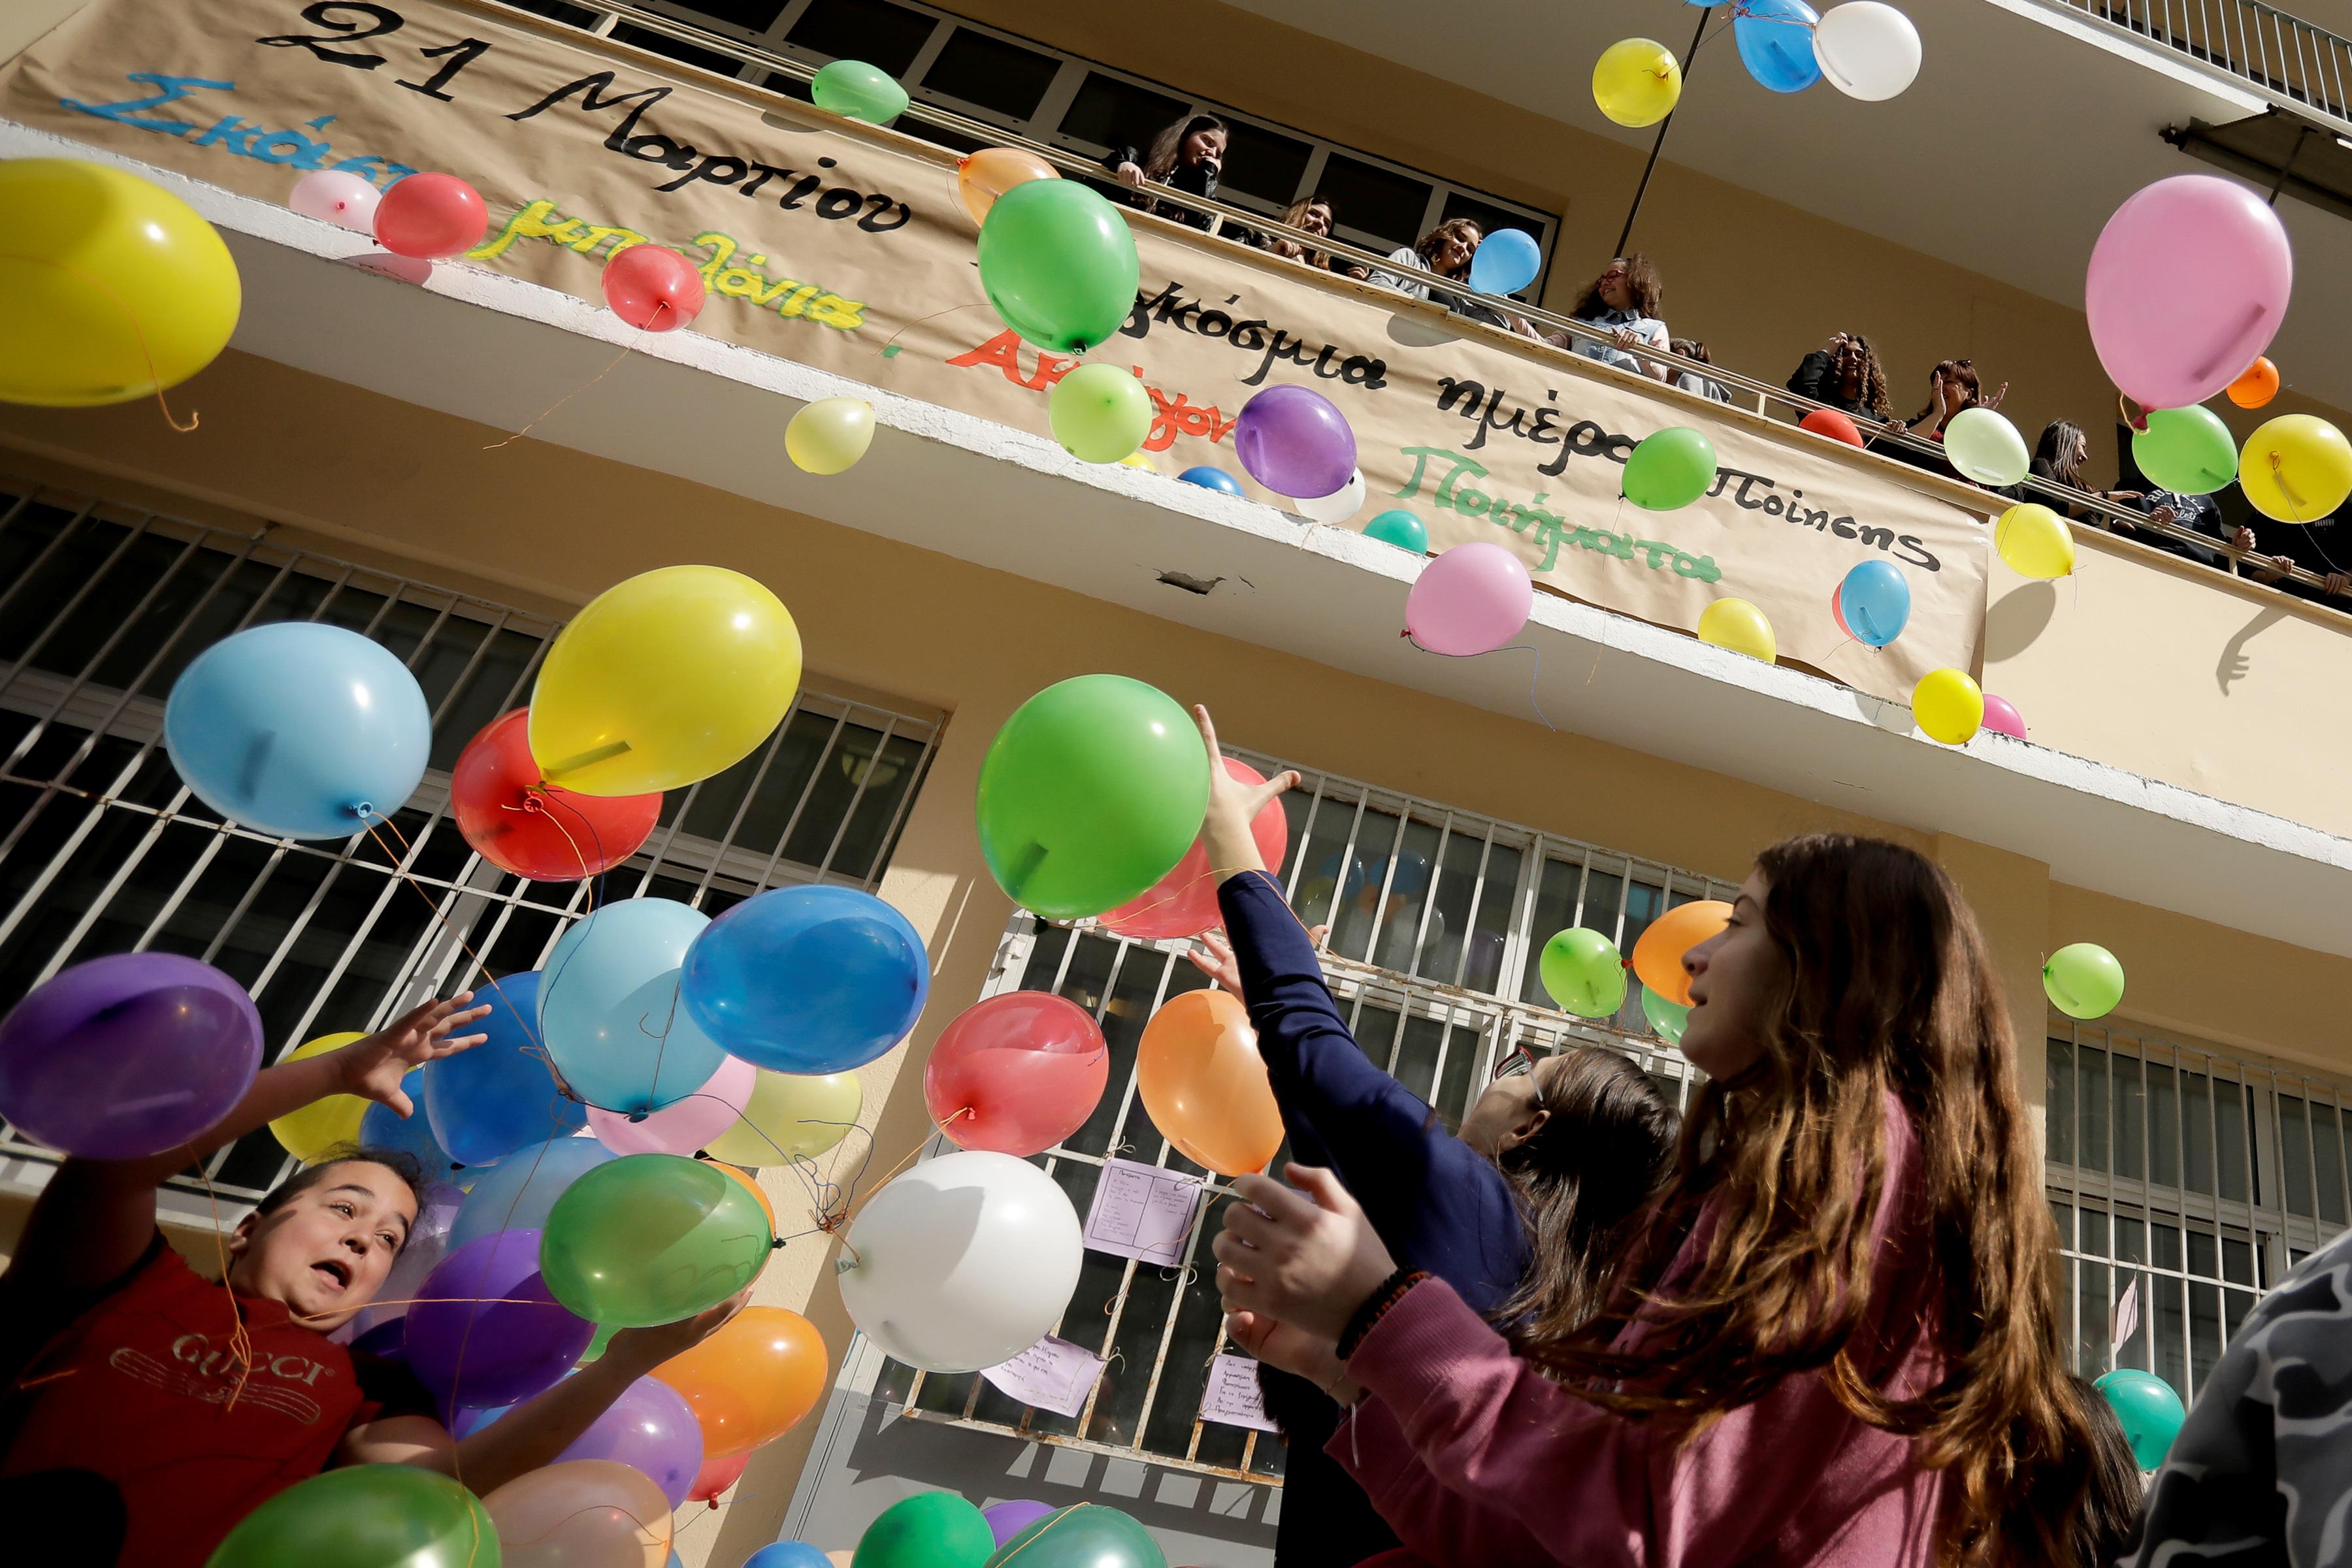 Σκάστε μπαλόνια ακούγονται ποιήματα!